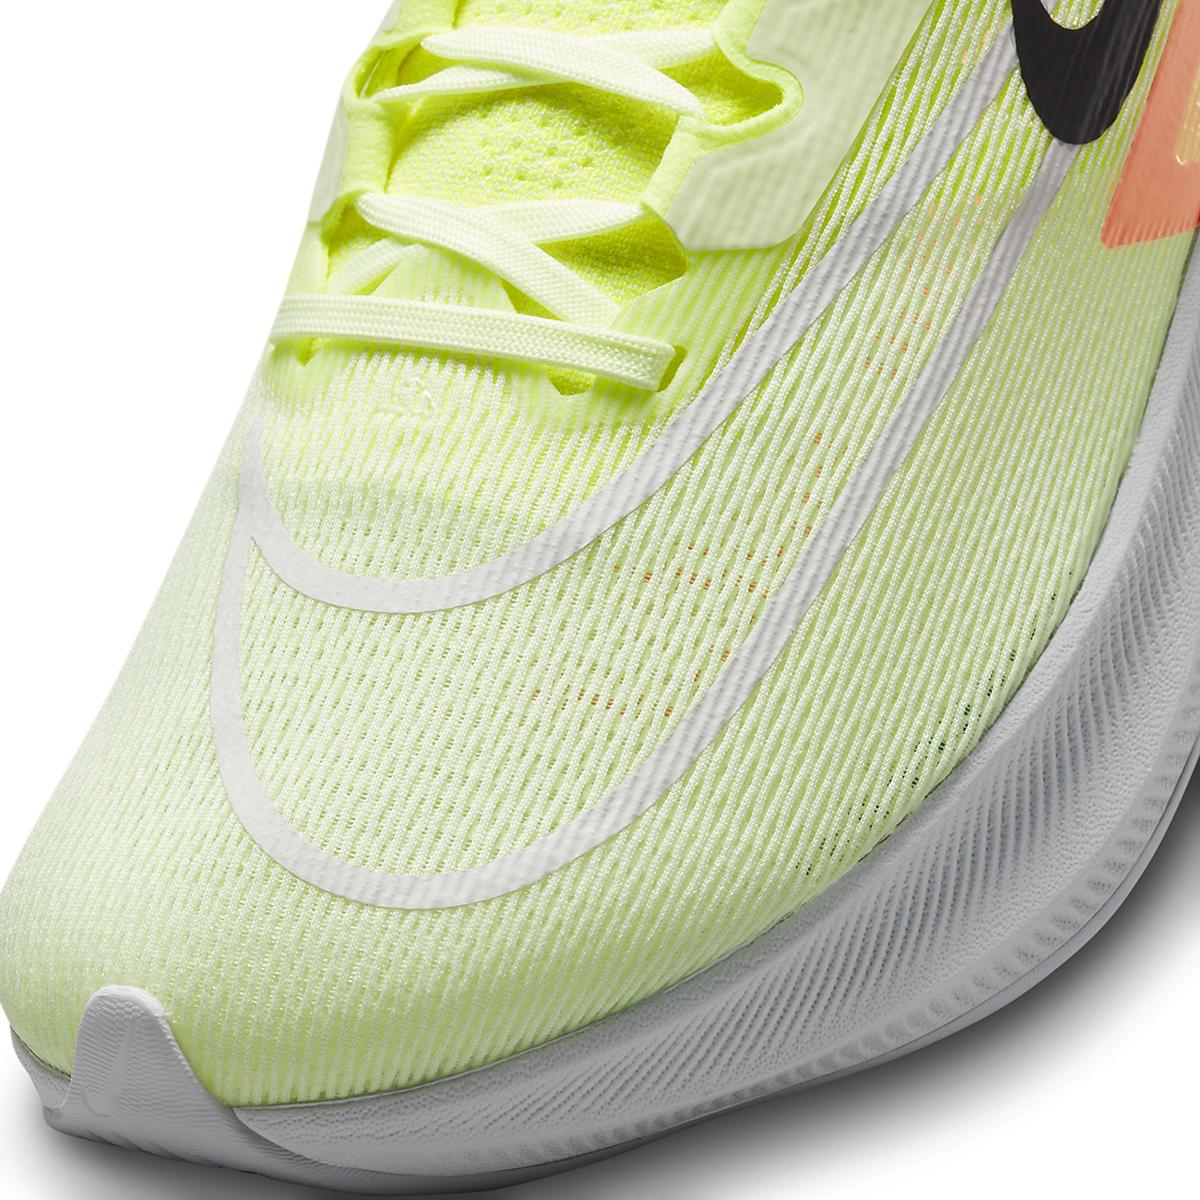 Men's Nike Zoom Fly 4 Running Shoe - Color: Barely Volt/Black/Hyper Orange - Size: 6 - Width: Regular, Barely Volt/Black/Hyper Orange, large, image 3